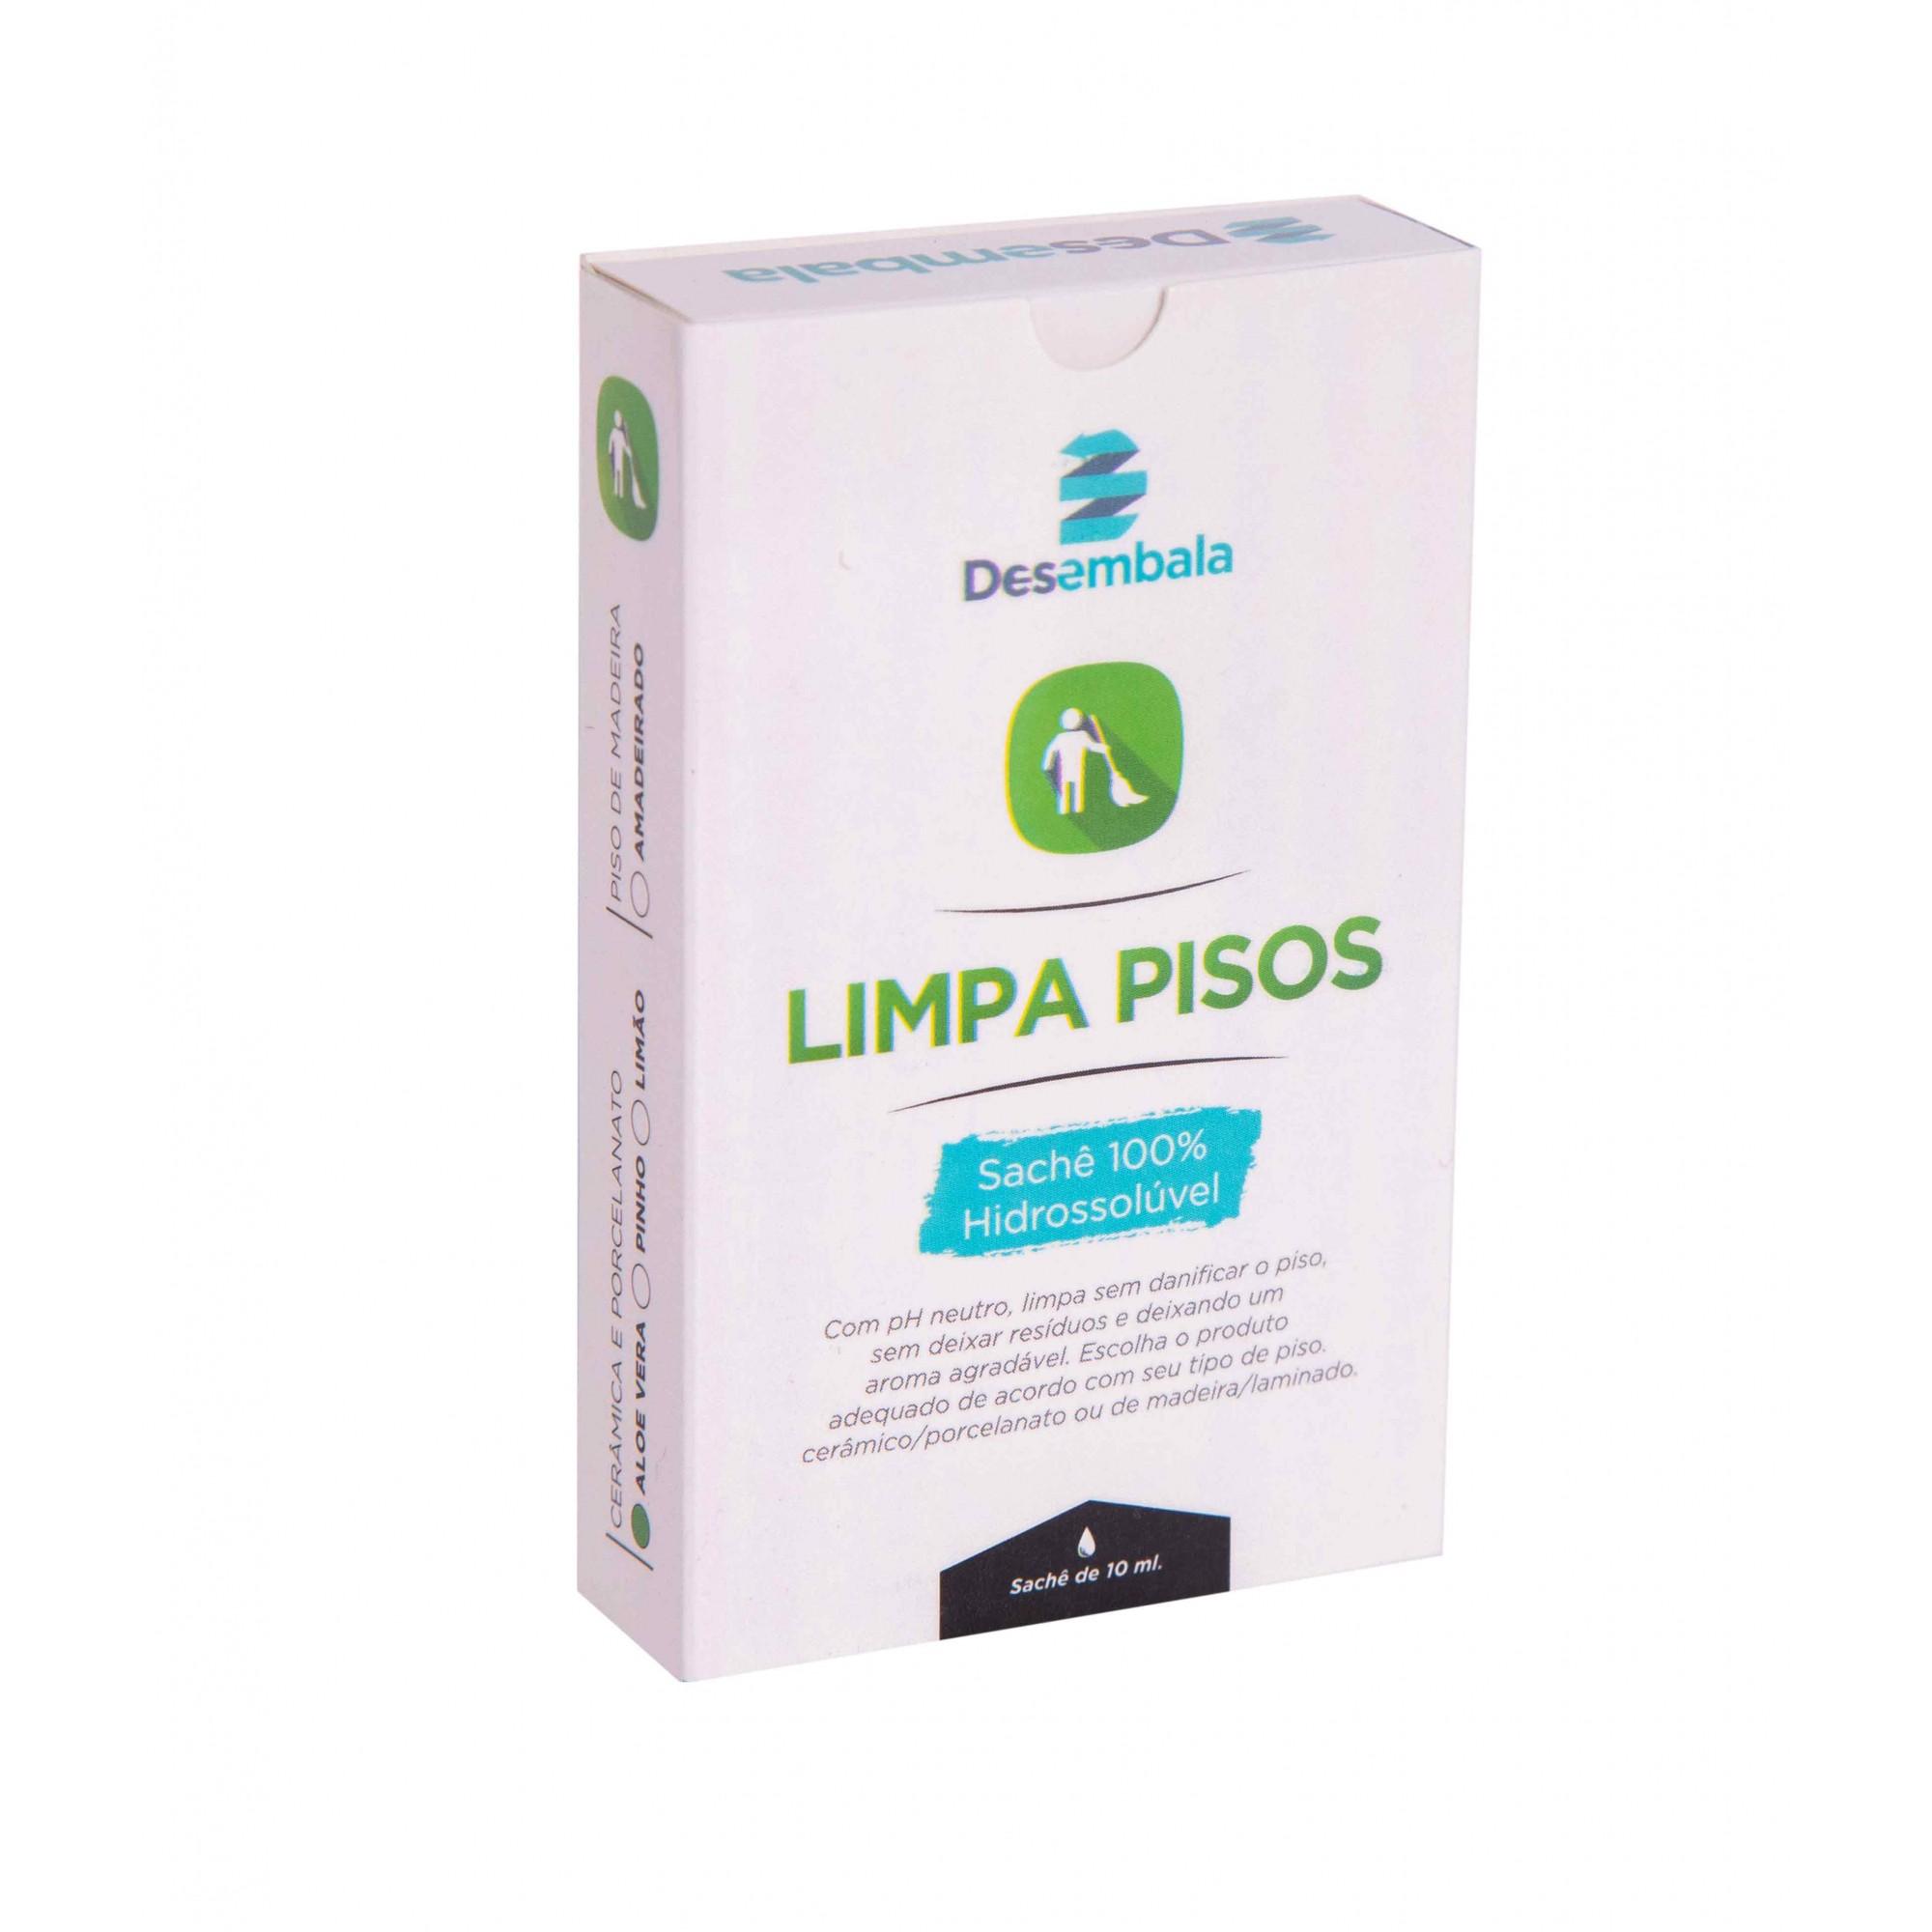 Limpa Piso (3 unidades)